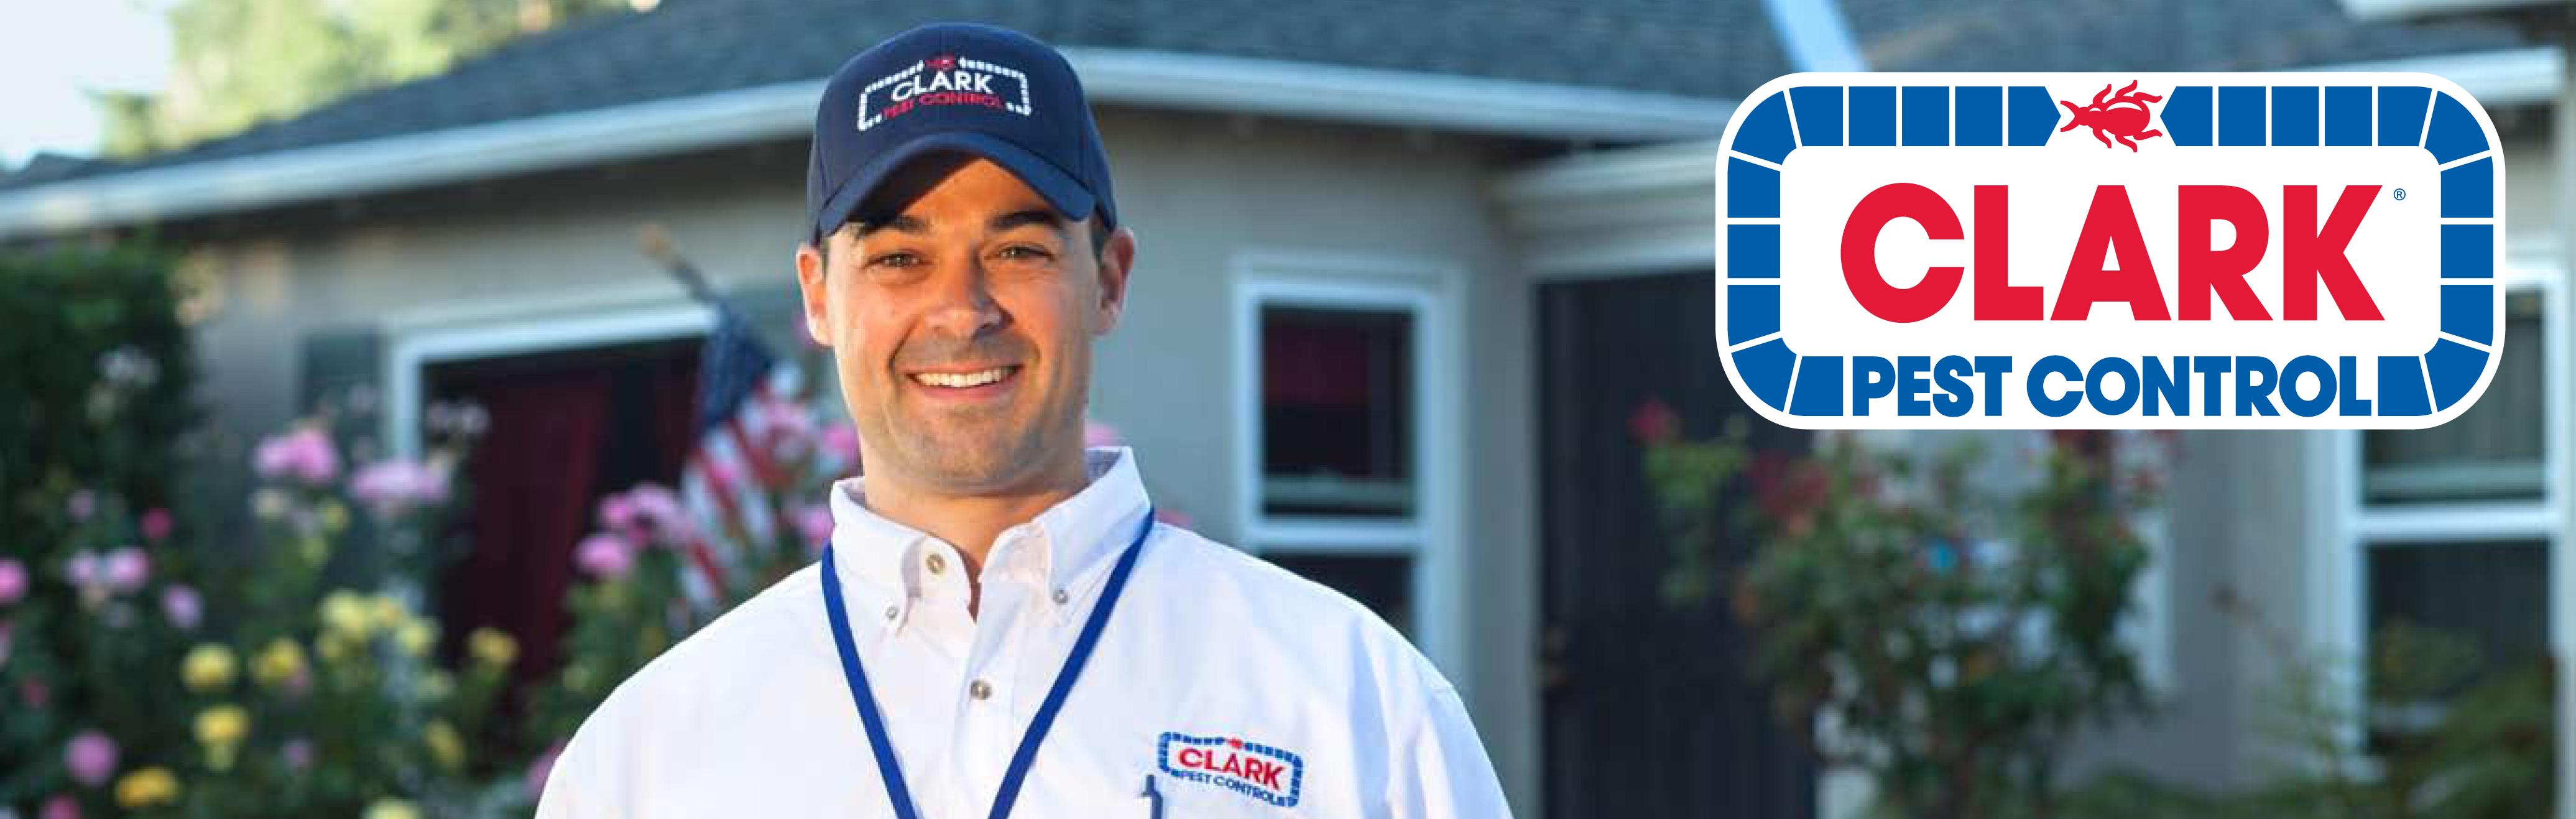 Clark Pest Control reviews | Home & Garden at 5822 Roseville Rd - Sacramento CA